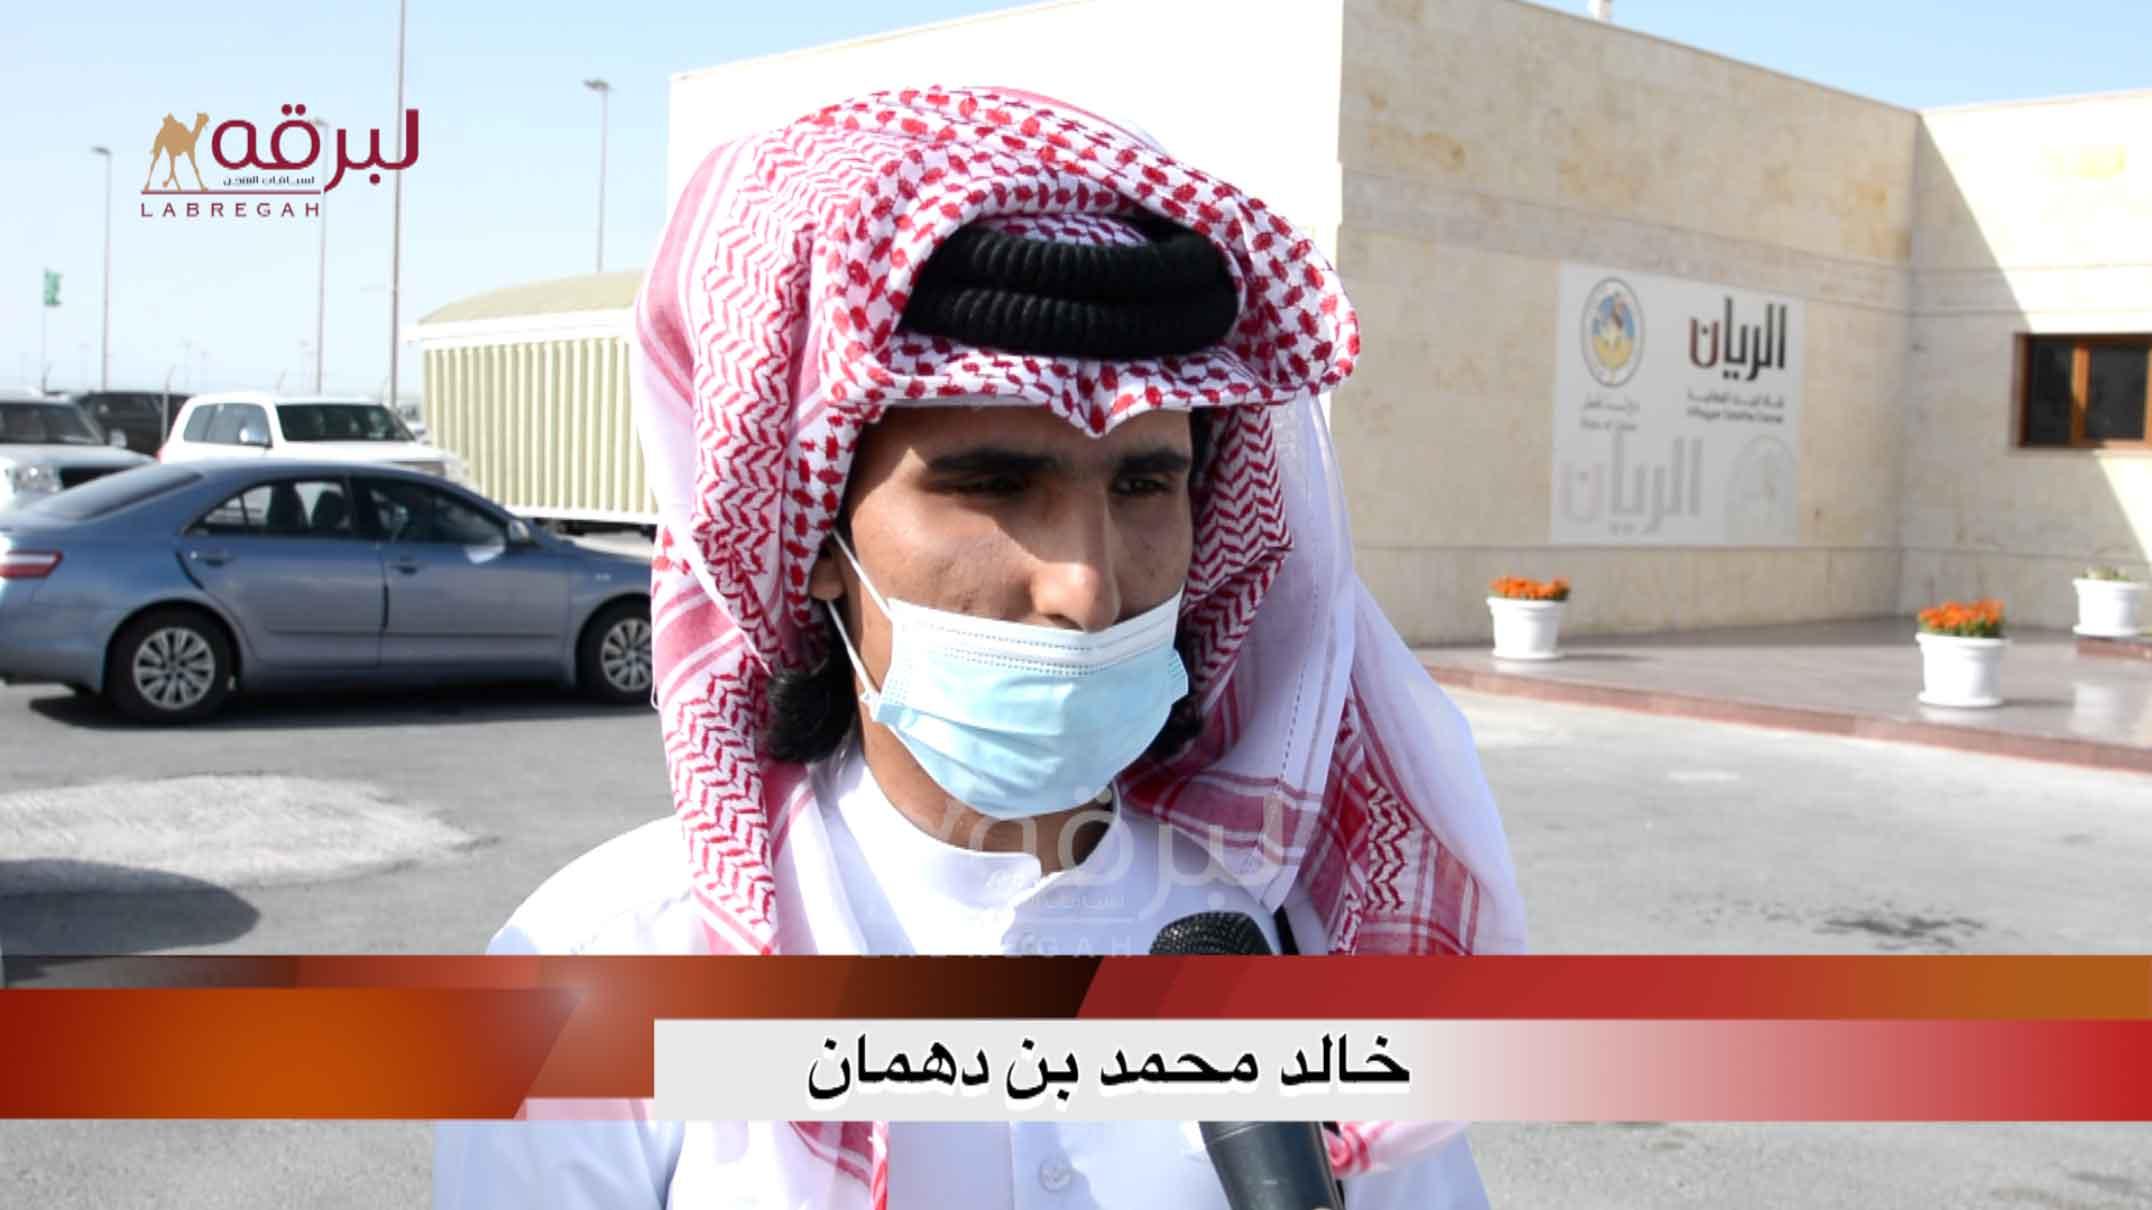 لقاء مع خالد محمد بن دهمان.. الخنجر الفضي حقايق قعدان « مفتوح » الأشواط العامة  ٢١-٣-٢٠٢١